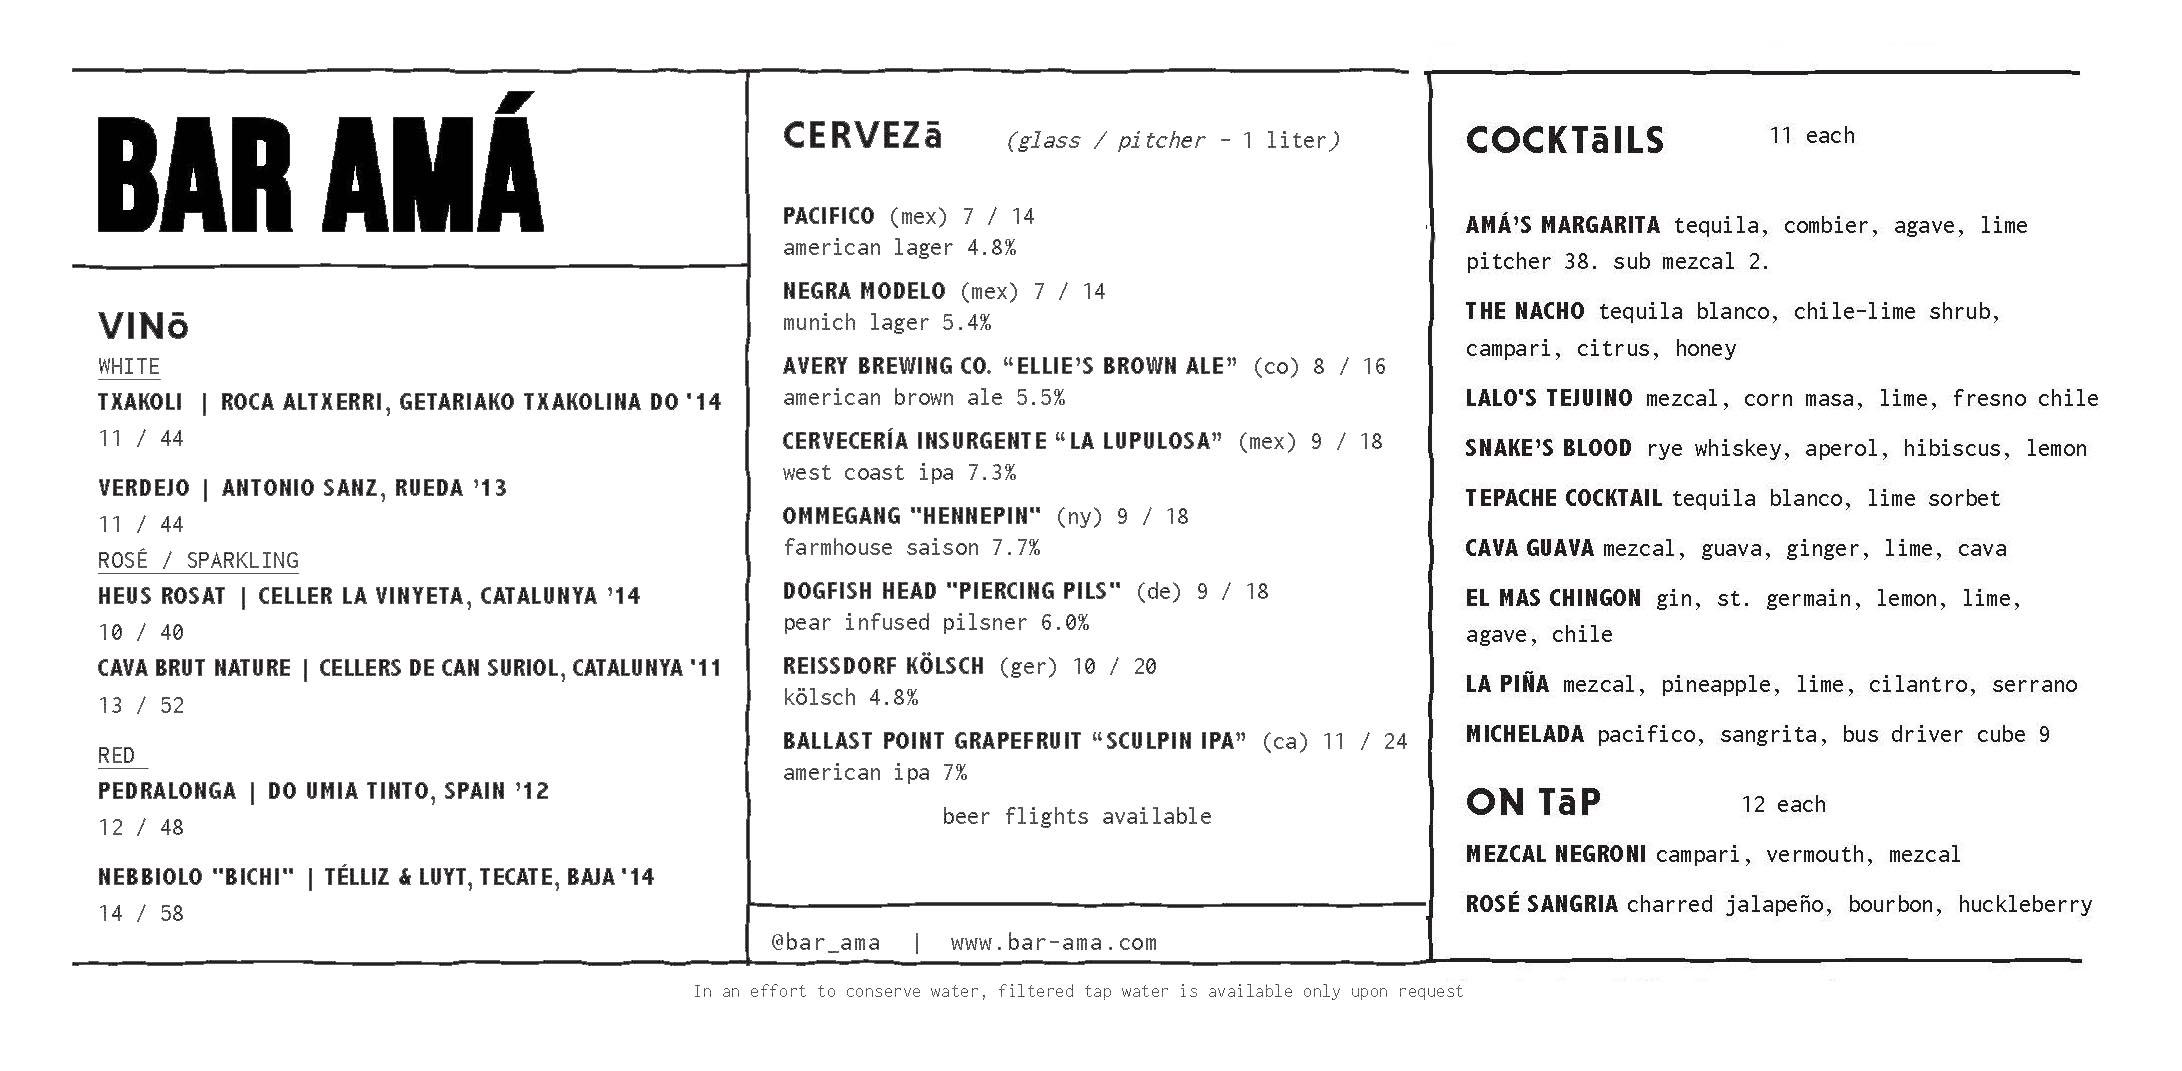 drinks: wine, beer & cocktails